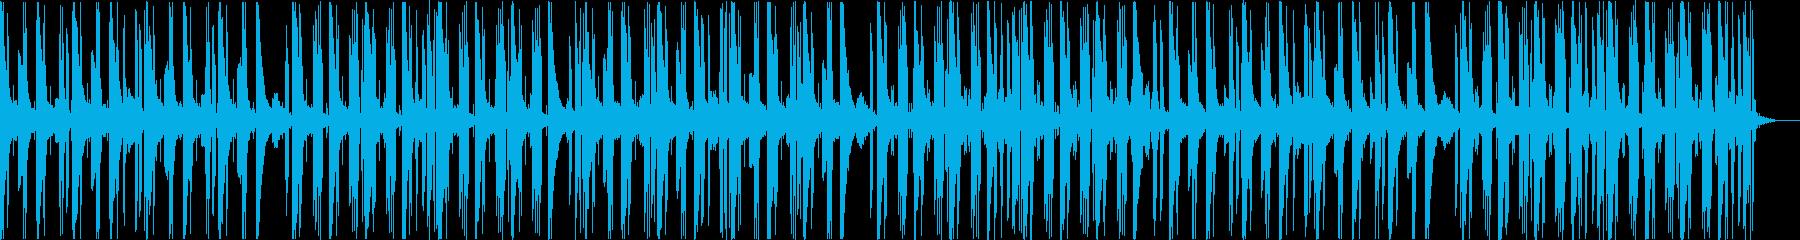 リラックス&浮遊感のあるエレクトロニカの再生済みの波形